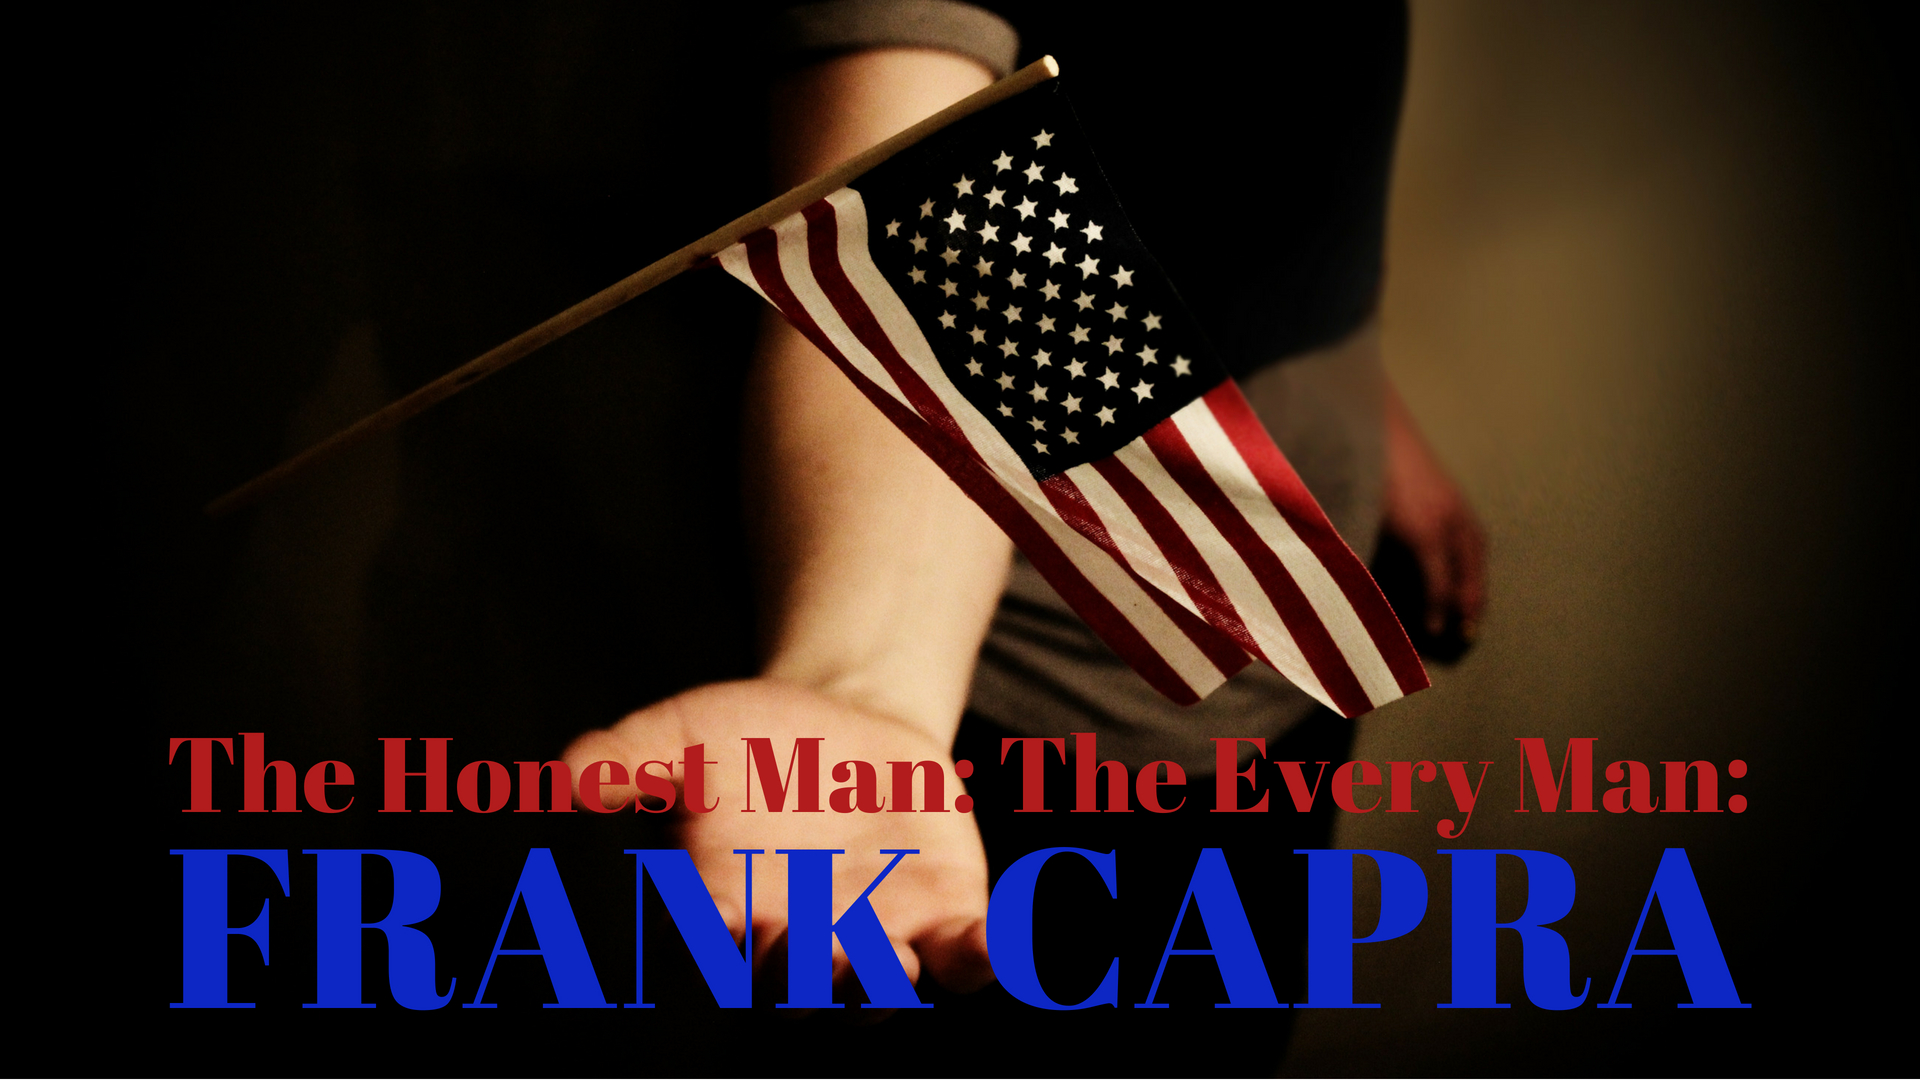 banner-the-honest-man-frank-capra (1).jpg